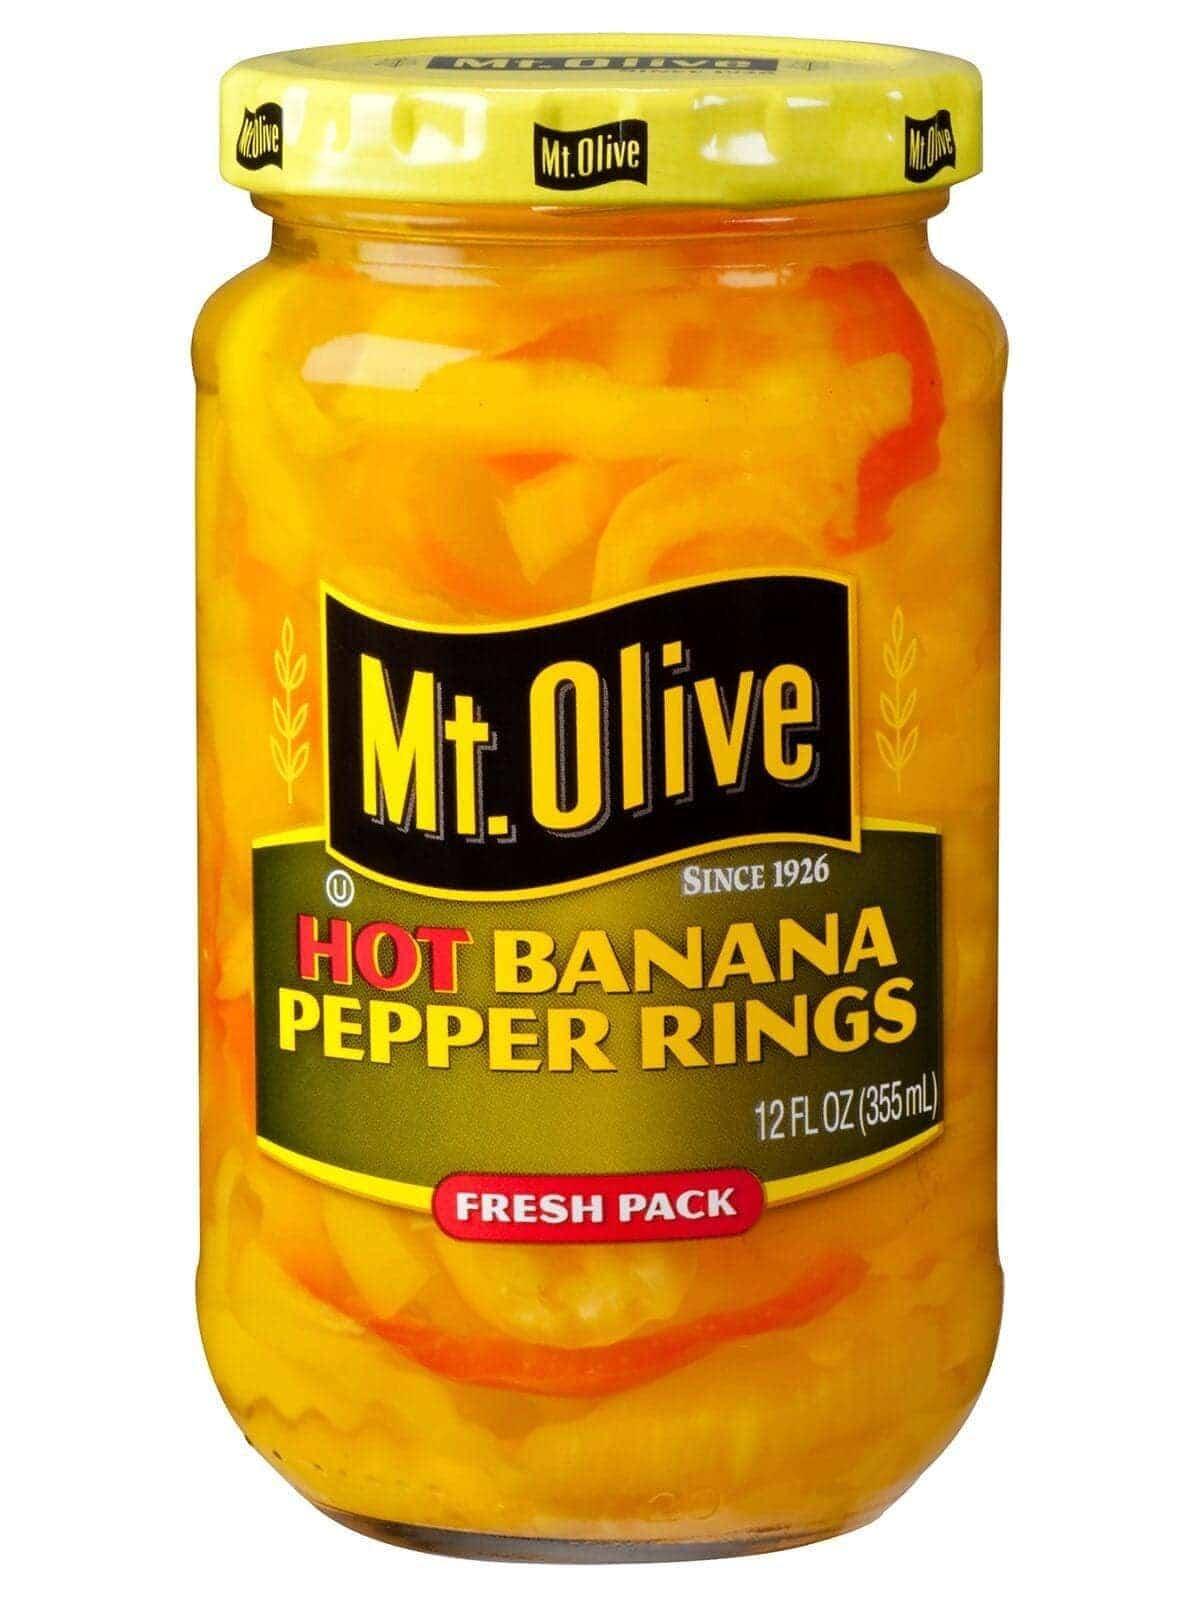 Hot Banana pepper rings